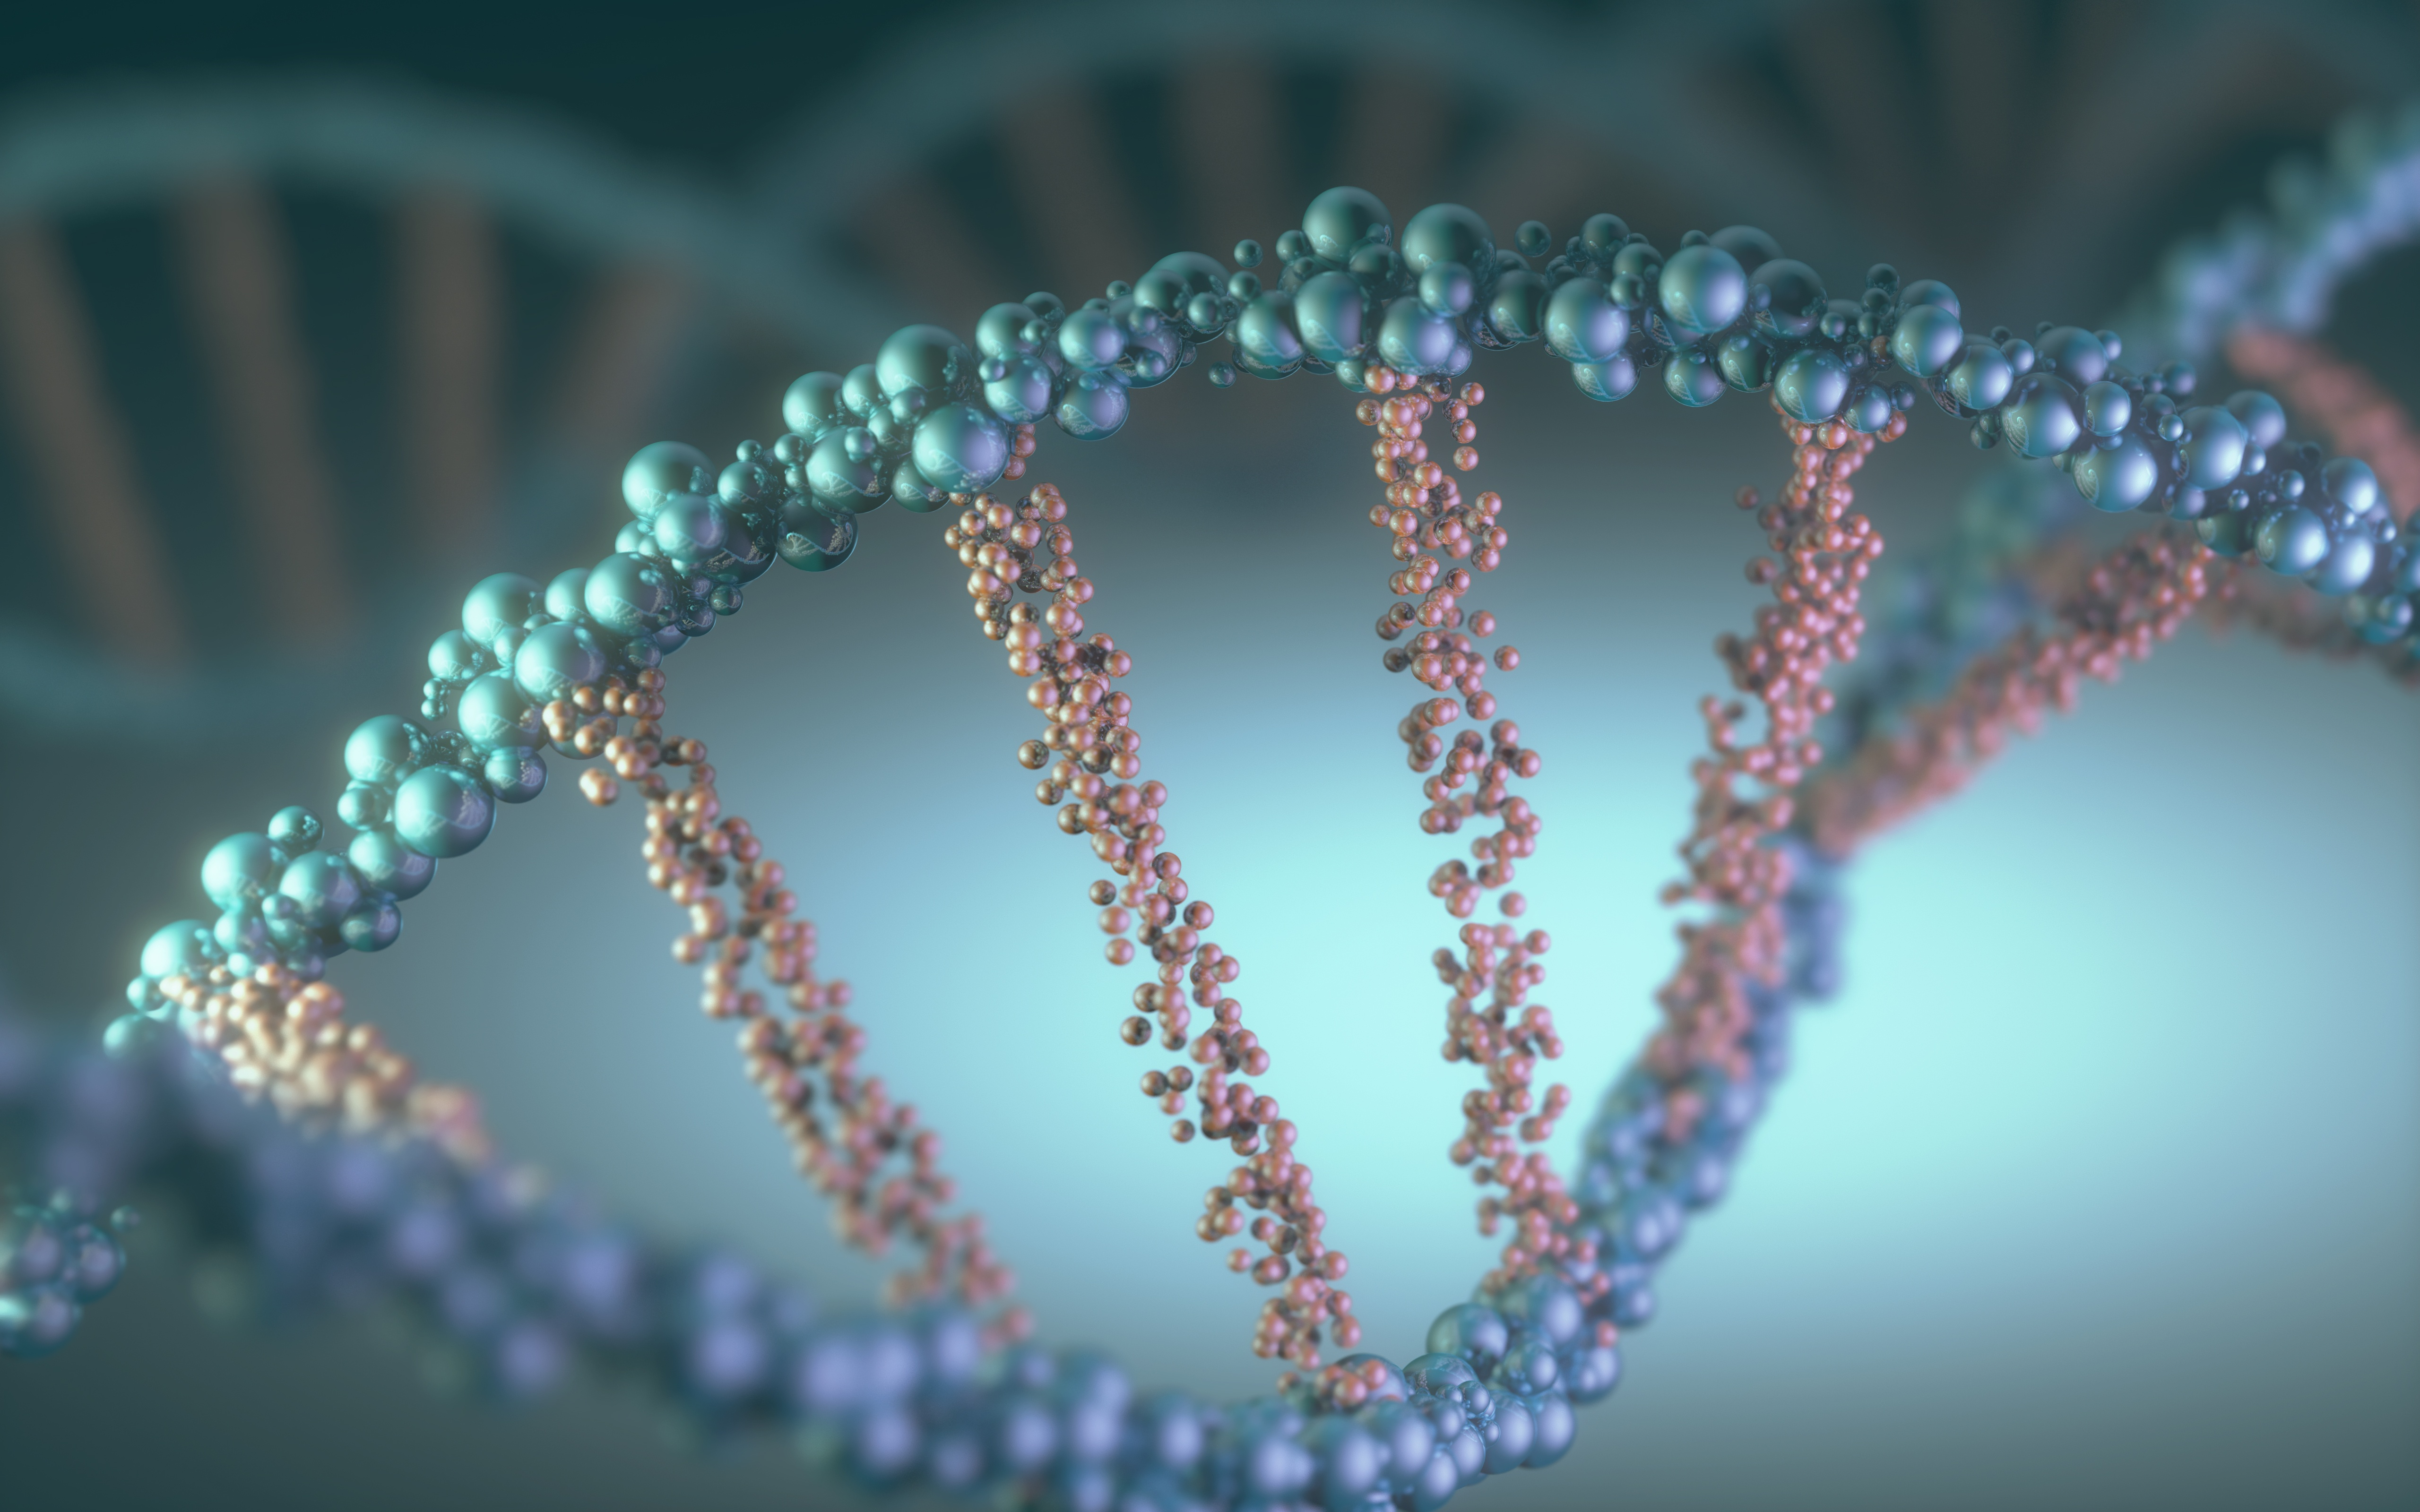 DNA image.jpg